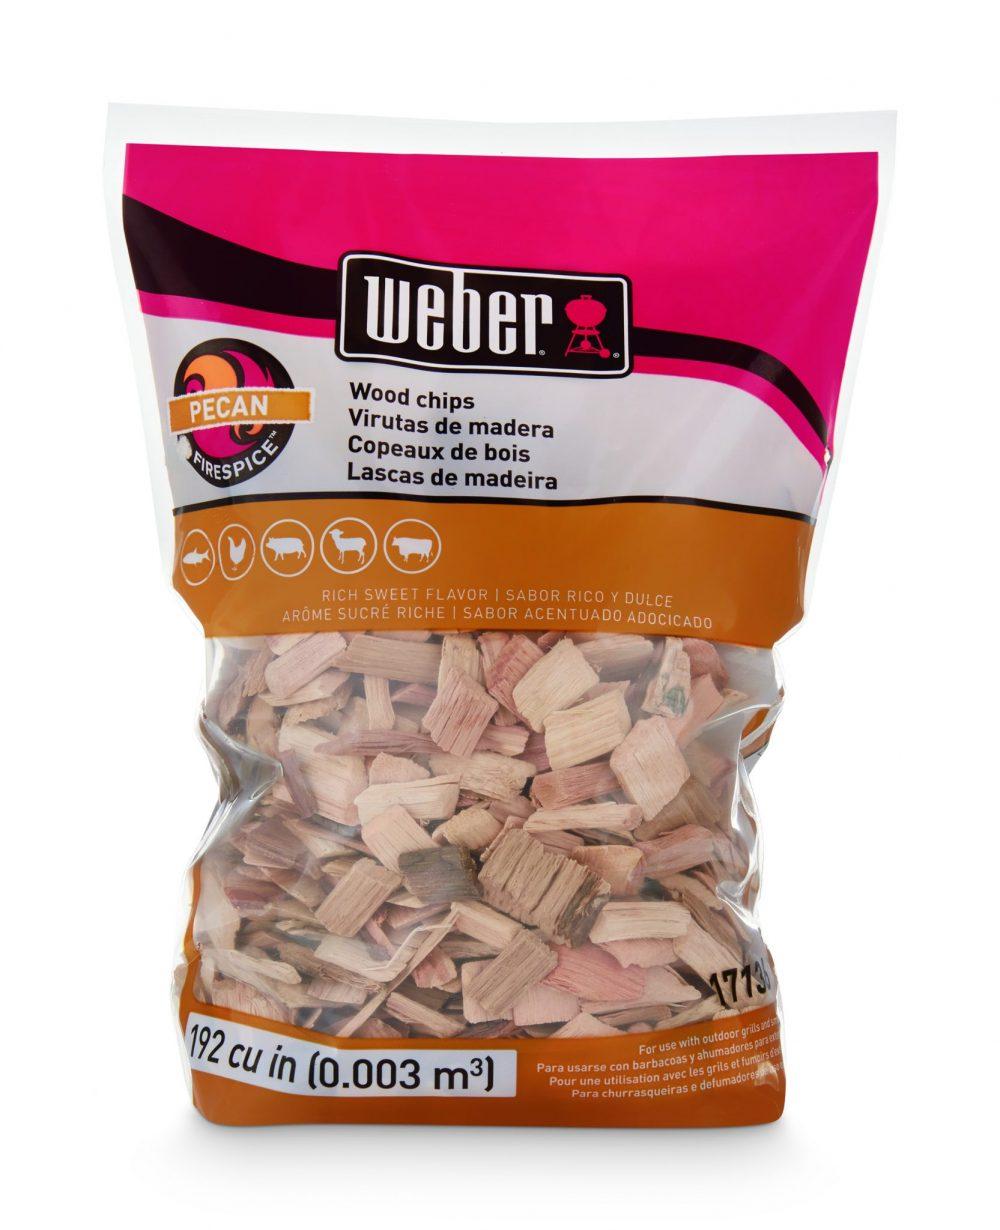 Weber® Firespice Smoking Wood Chips - Pecan - 900g